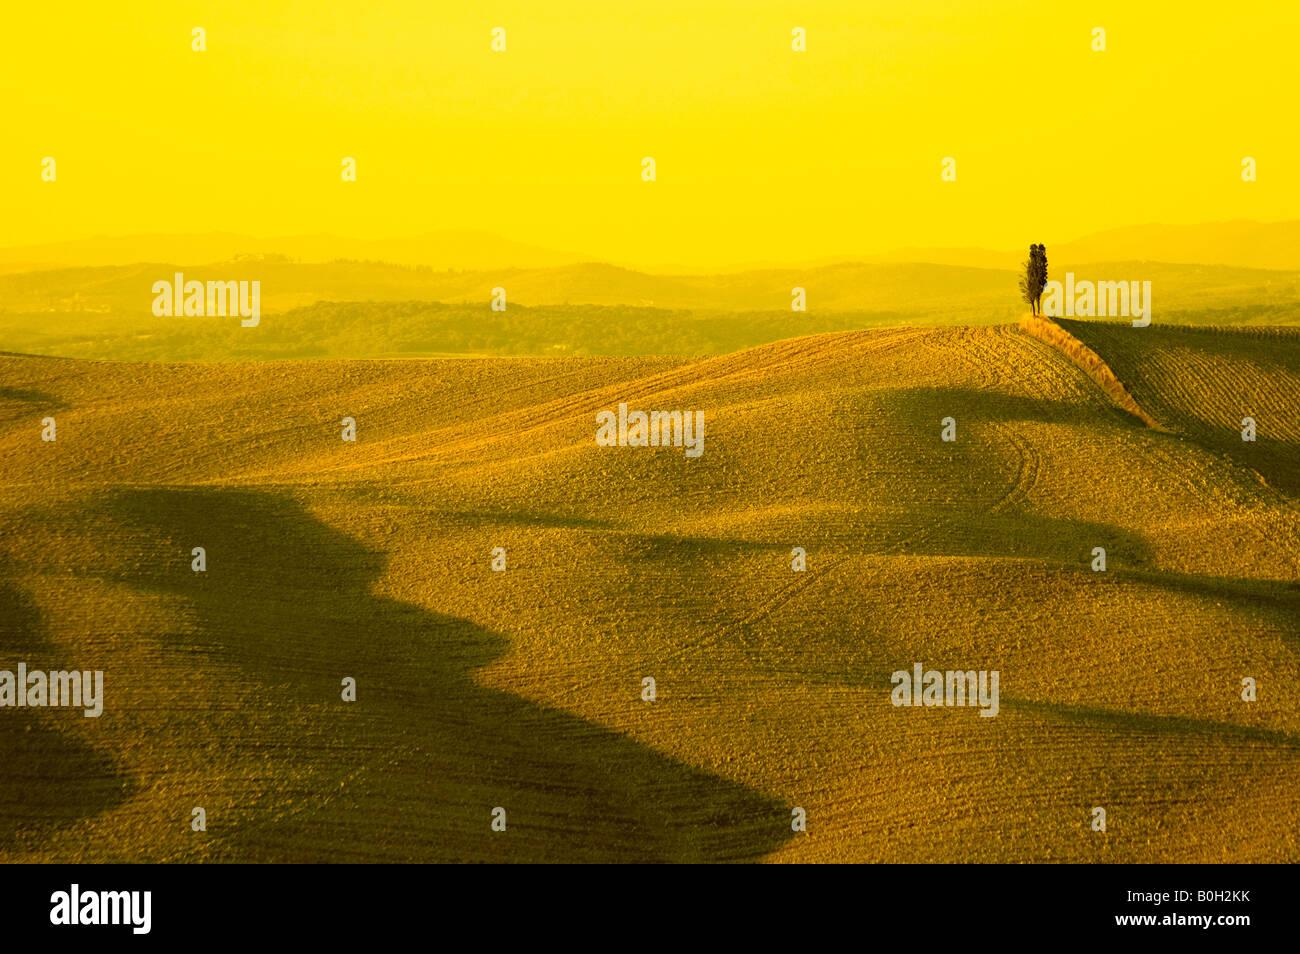 Lonely cipresso in collina tipico paesaggio toscano Immagini Stock